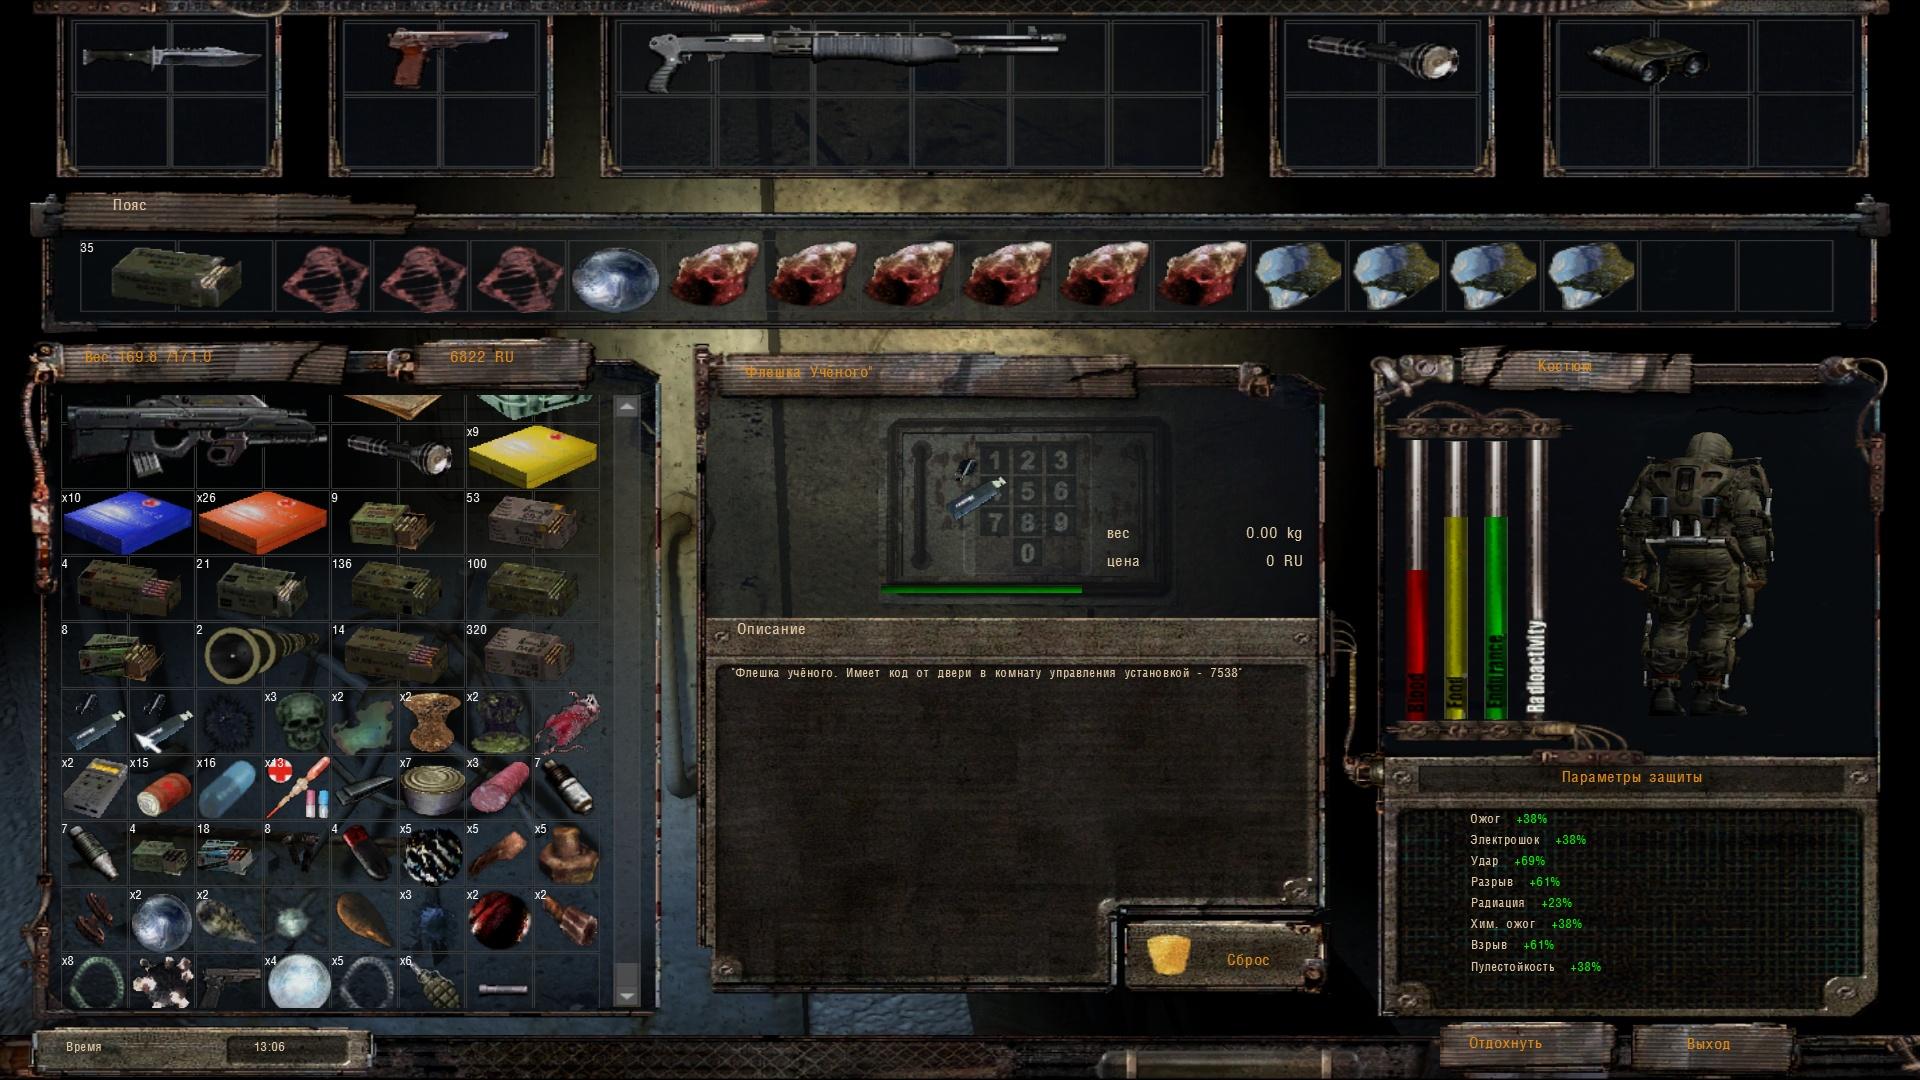 Oblivion Lost Remake 2.5 image 433